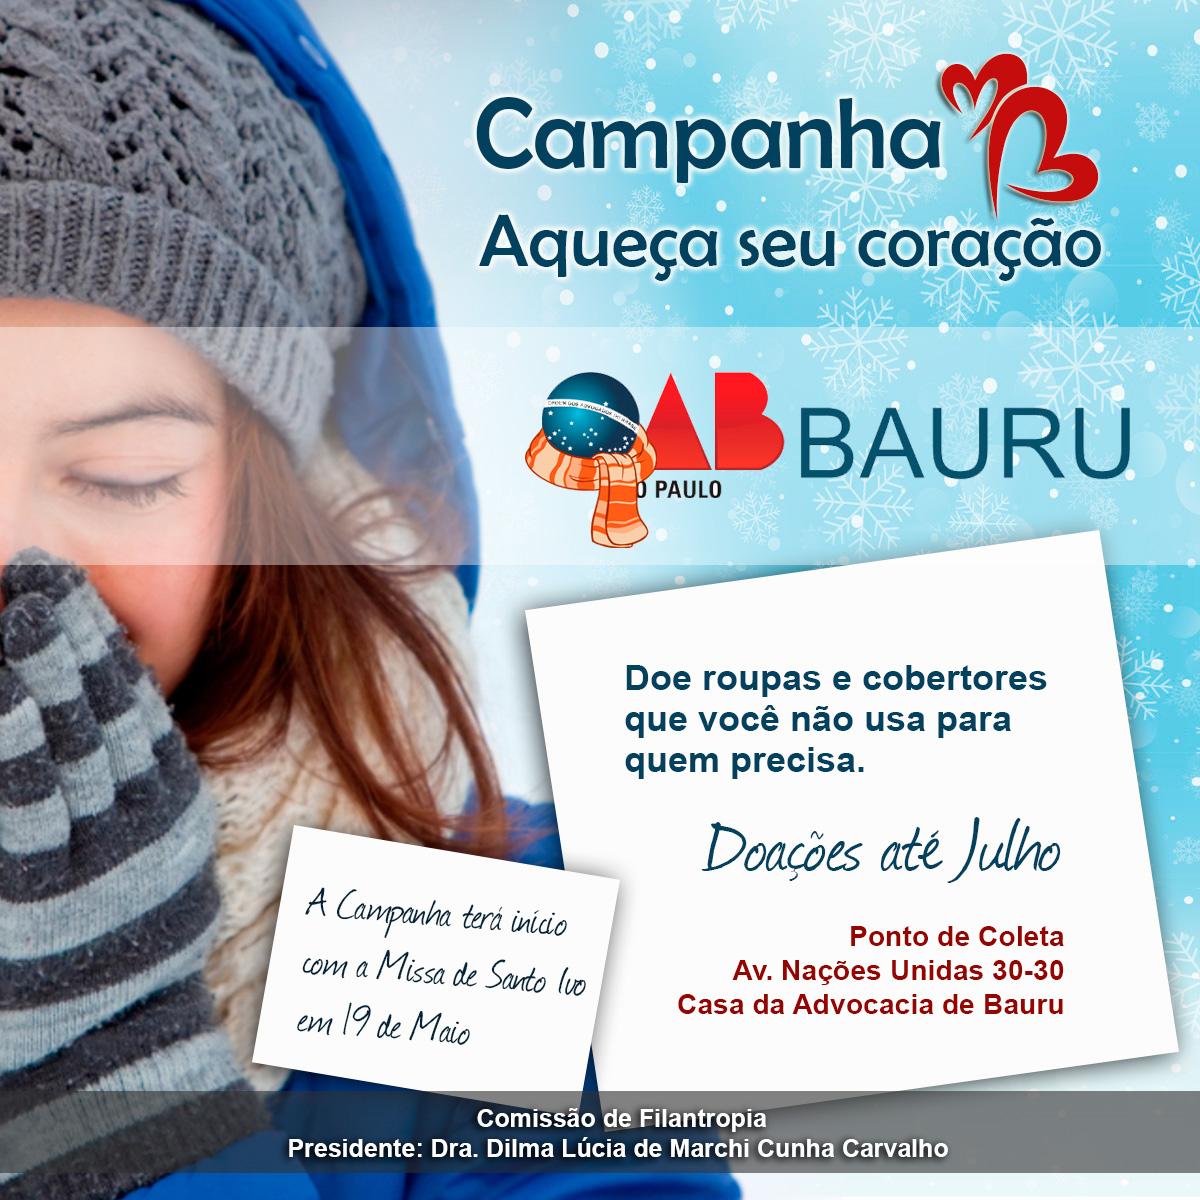 CAMPAGAS__coracao